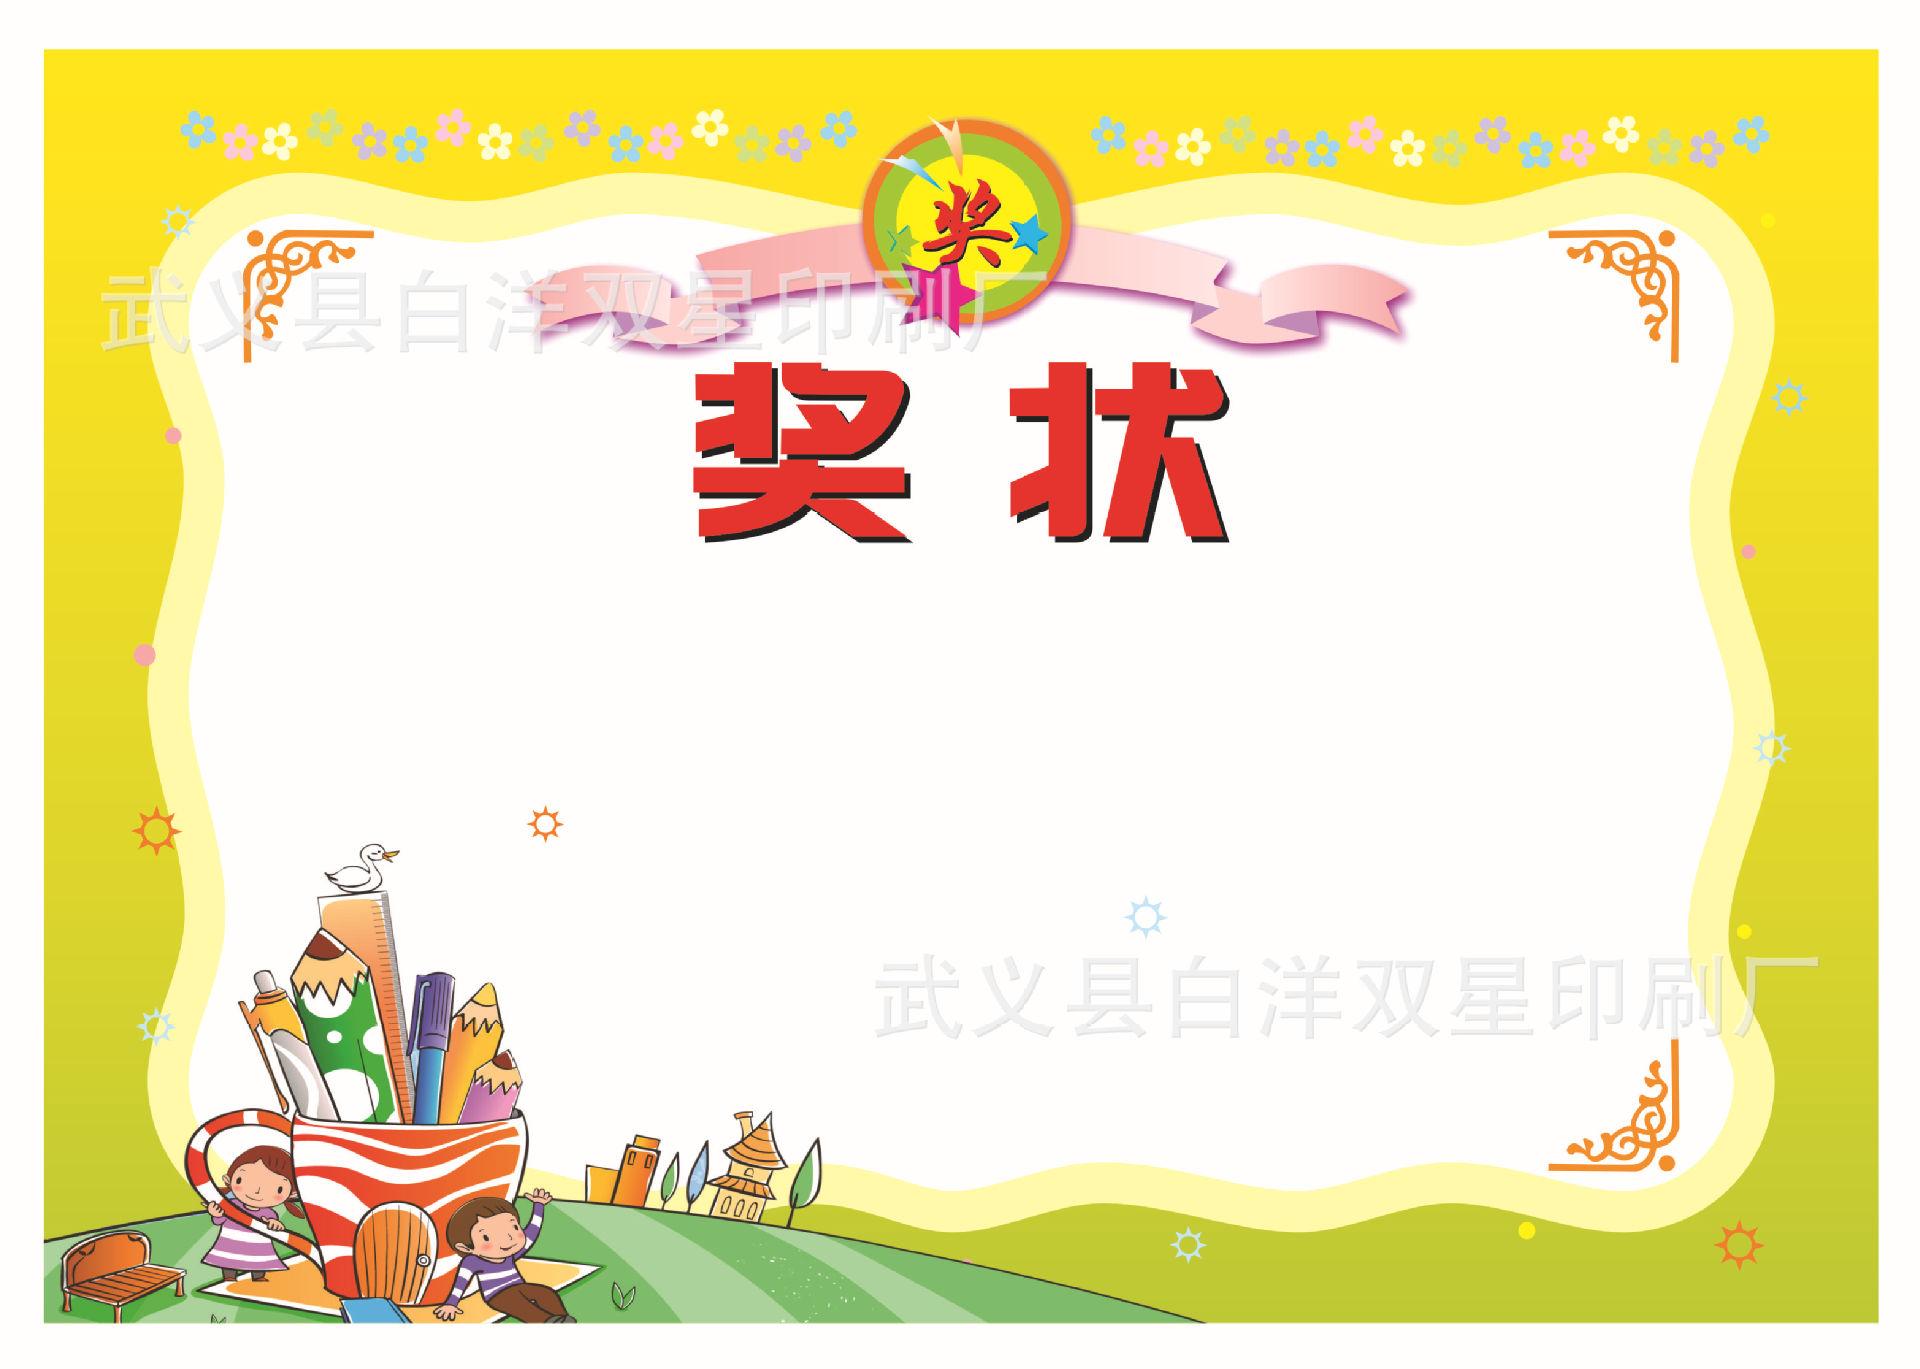 【25号】无字 黄边奖状 卡通创意 中小学生 幼儿园定制批量奖状图片